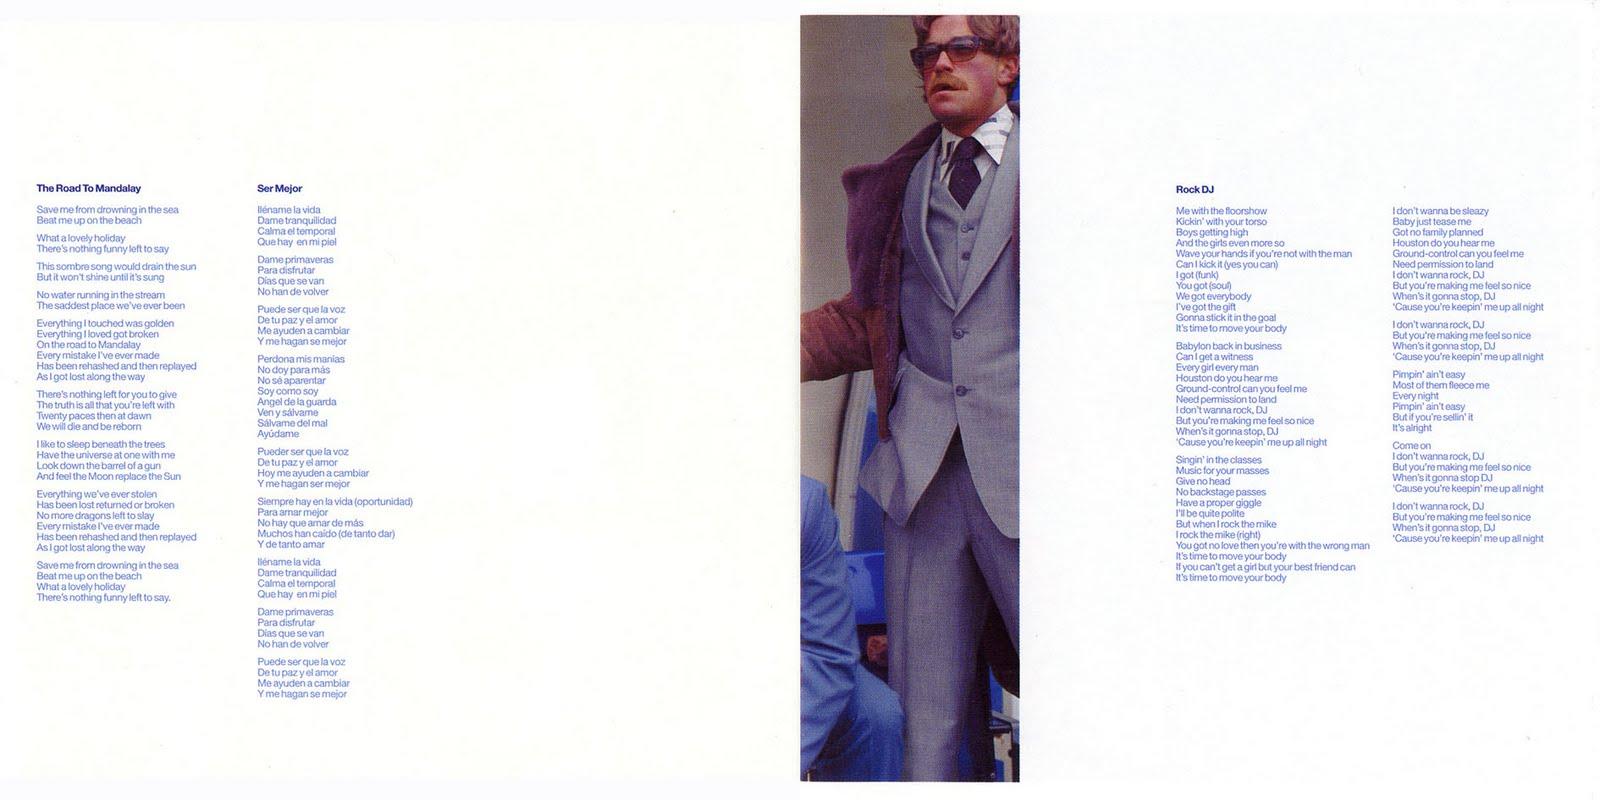 http://4.bp.blogspot.com/-vpq1T8j7zGQ/Tc31eGEg8tI/AAAAAAAAVRI/roJnfQNSYRw/s1600/Booklet-7.jpg